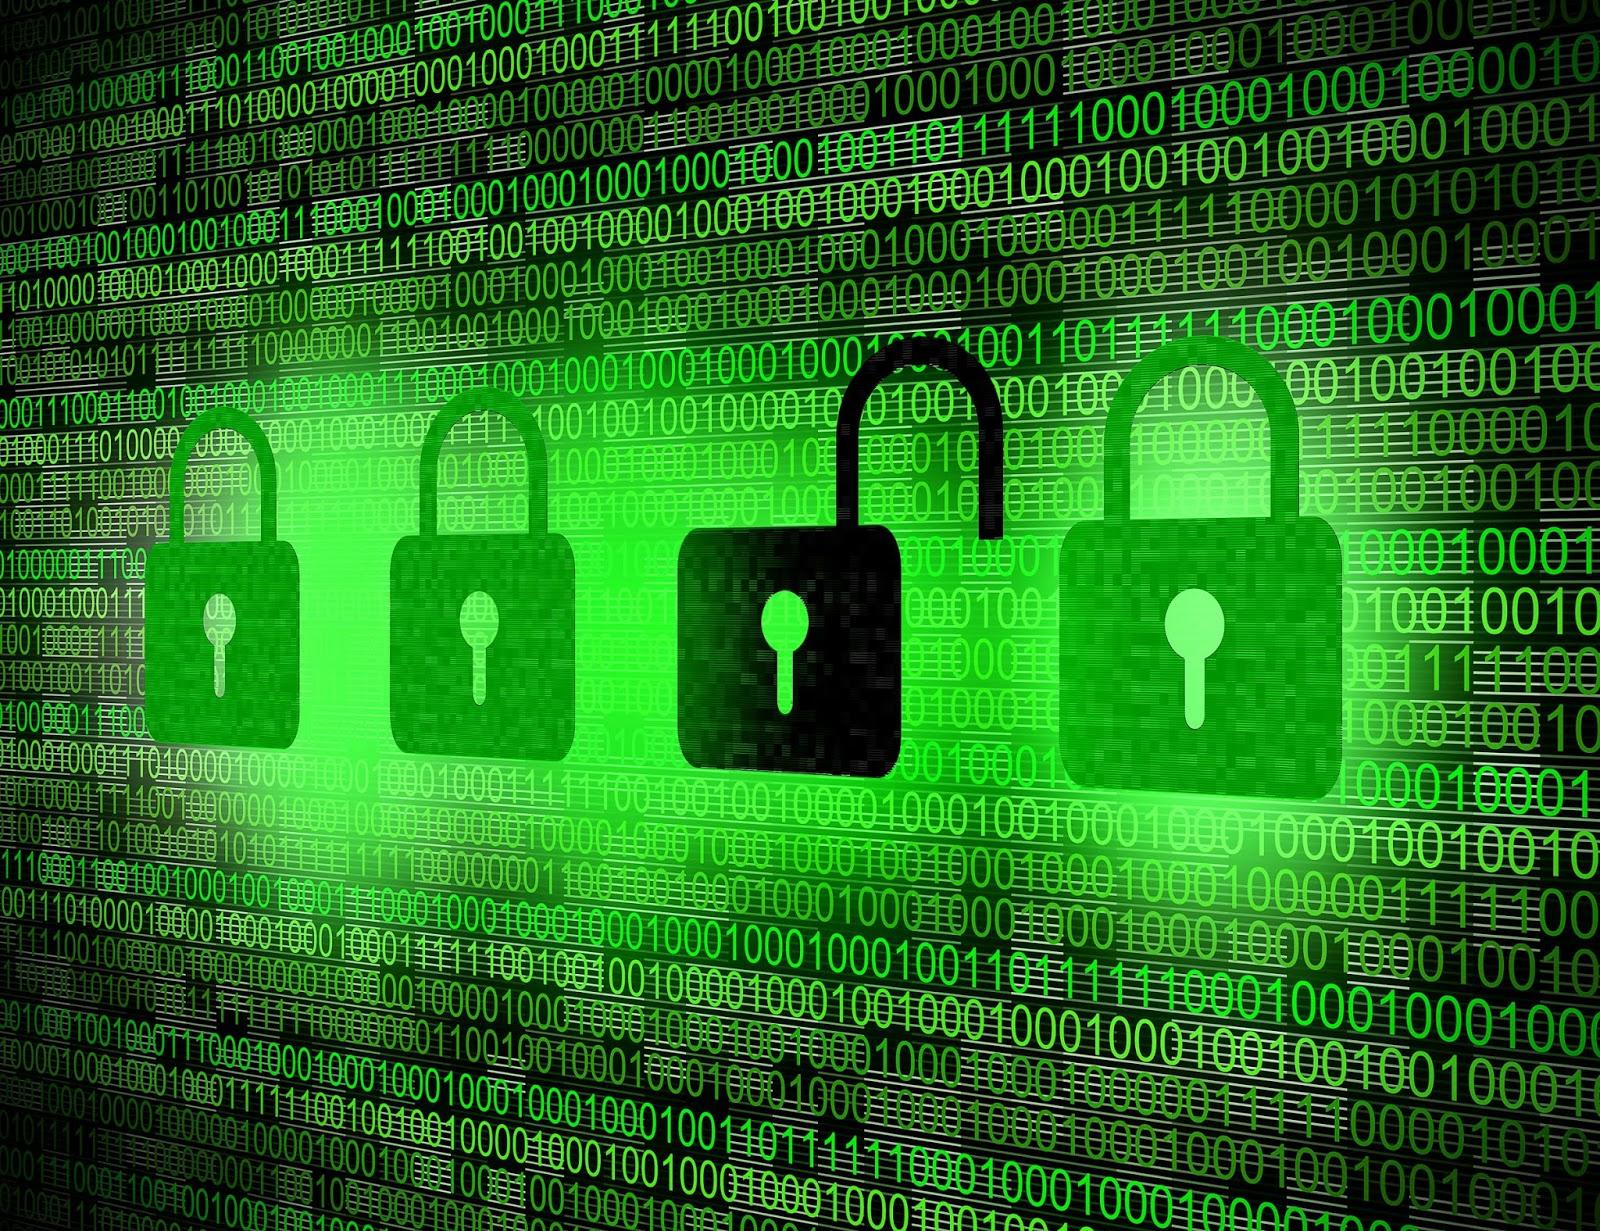 Plan komunikacji kryzysowej w przypadku ataku cybernetycznego